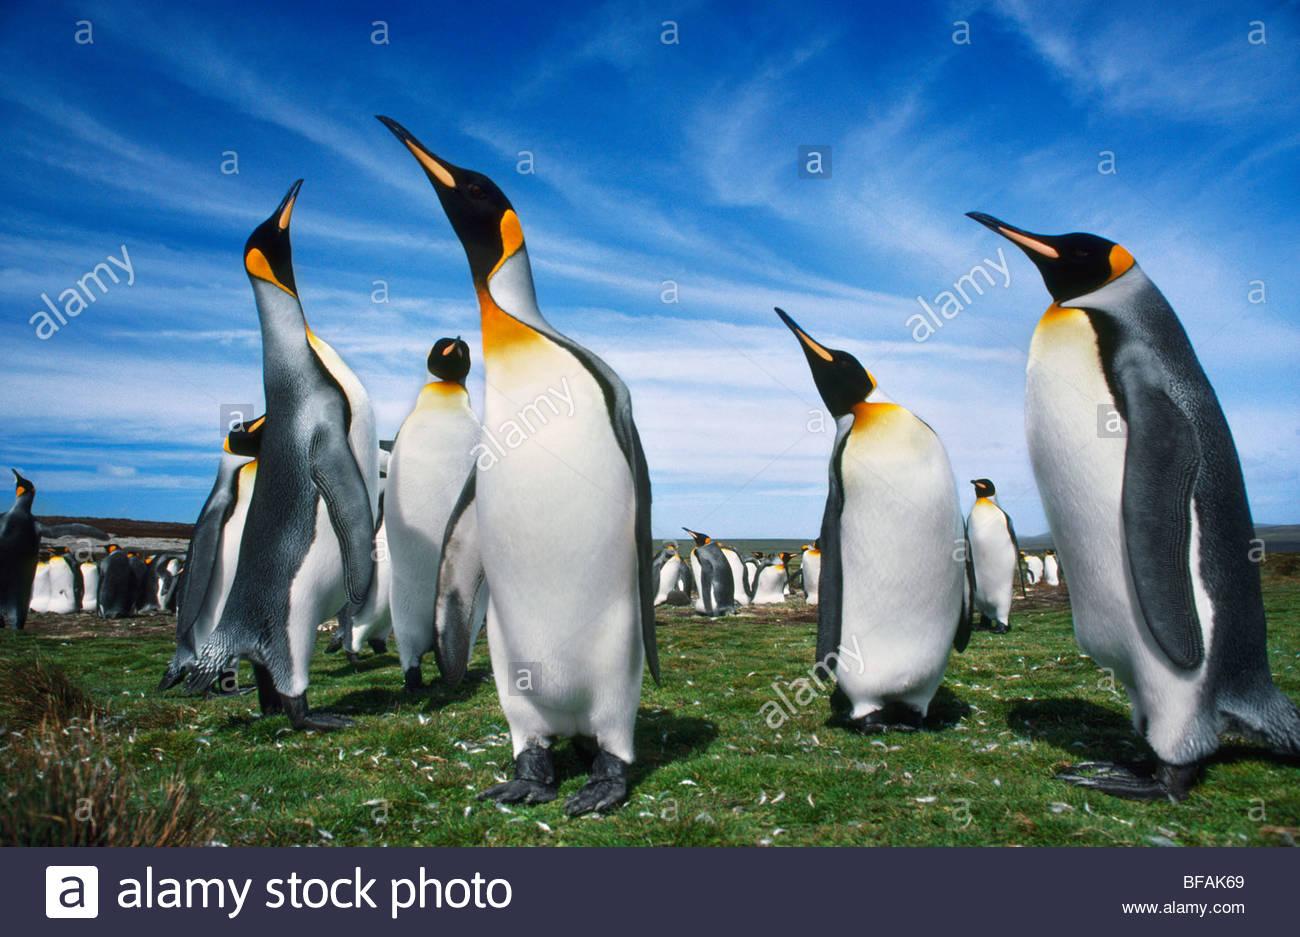 King penguins displaying, Aptenodytes patagonicus, Falkland Islands - Stock Image